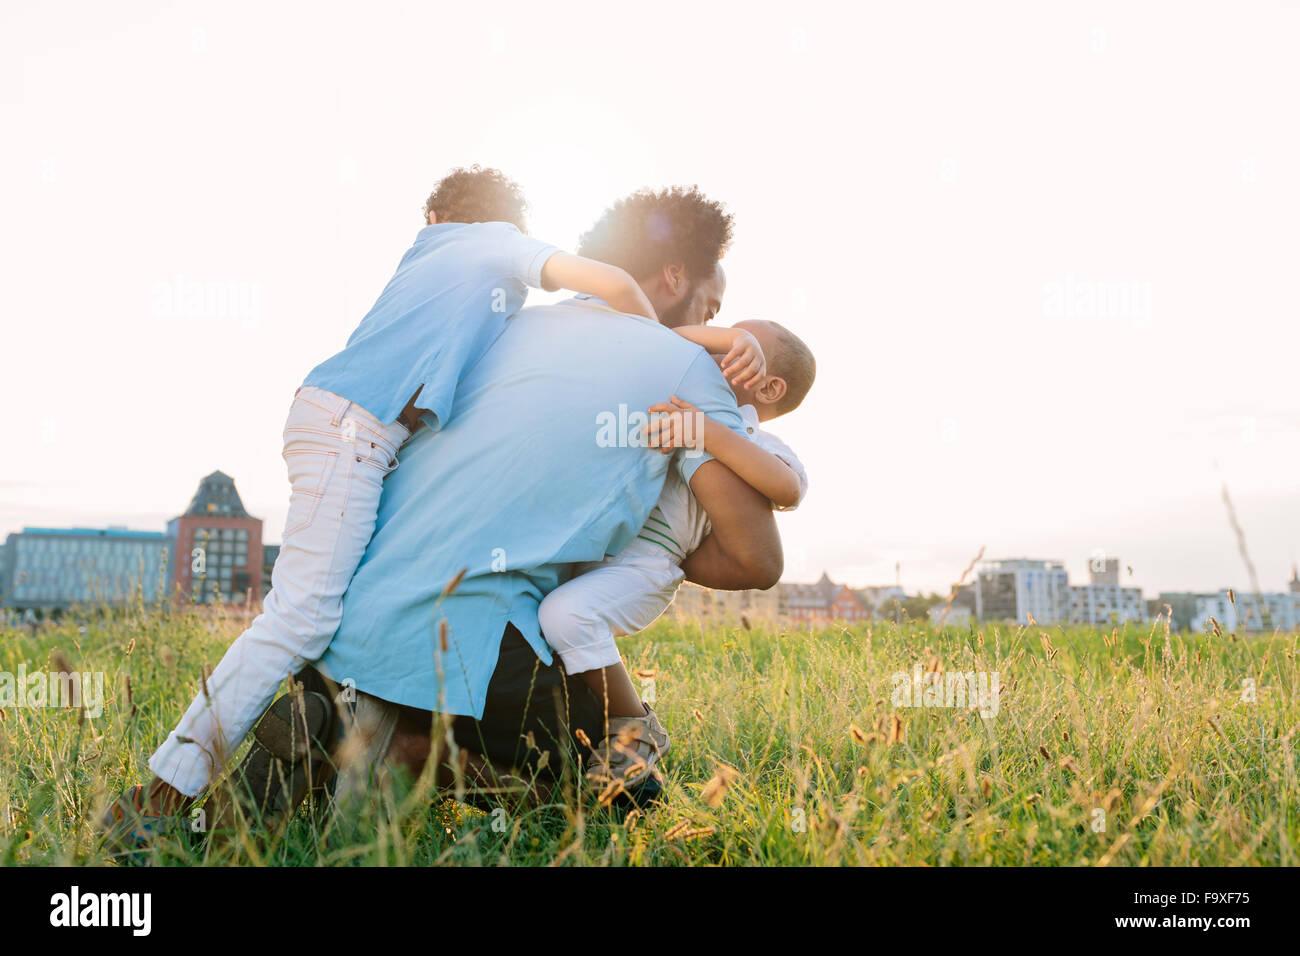 Deutschland, Köln, verspielte Vater zweier Söhne im Bereich Stockbild